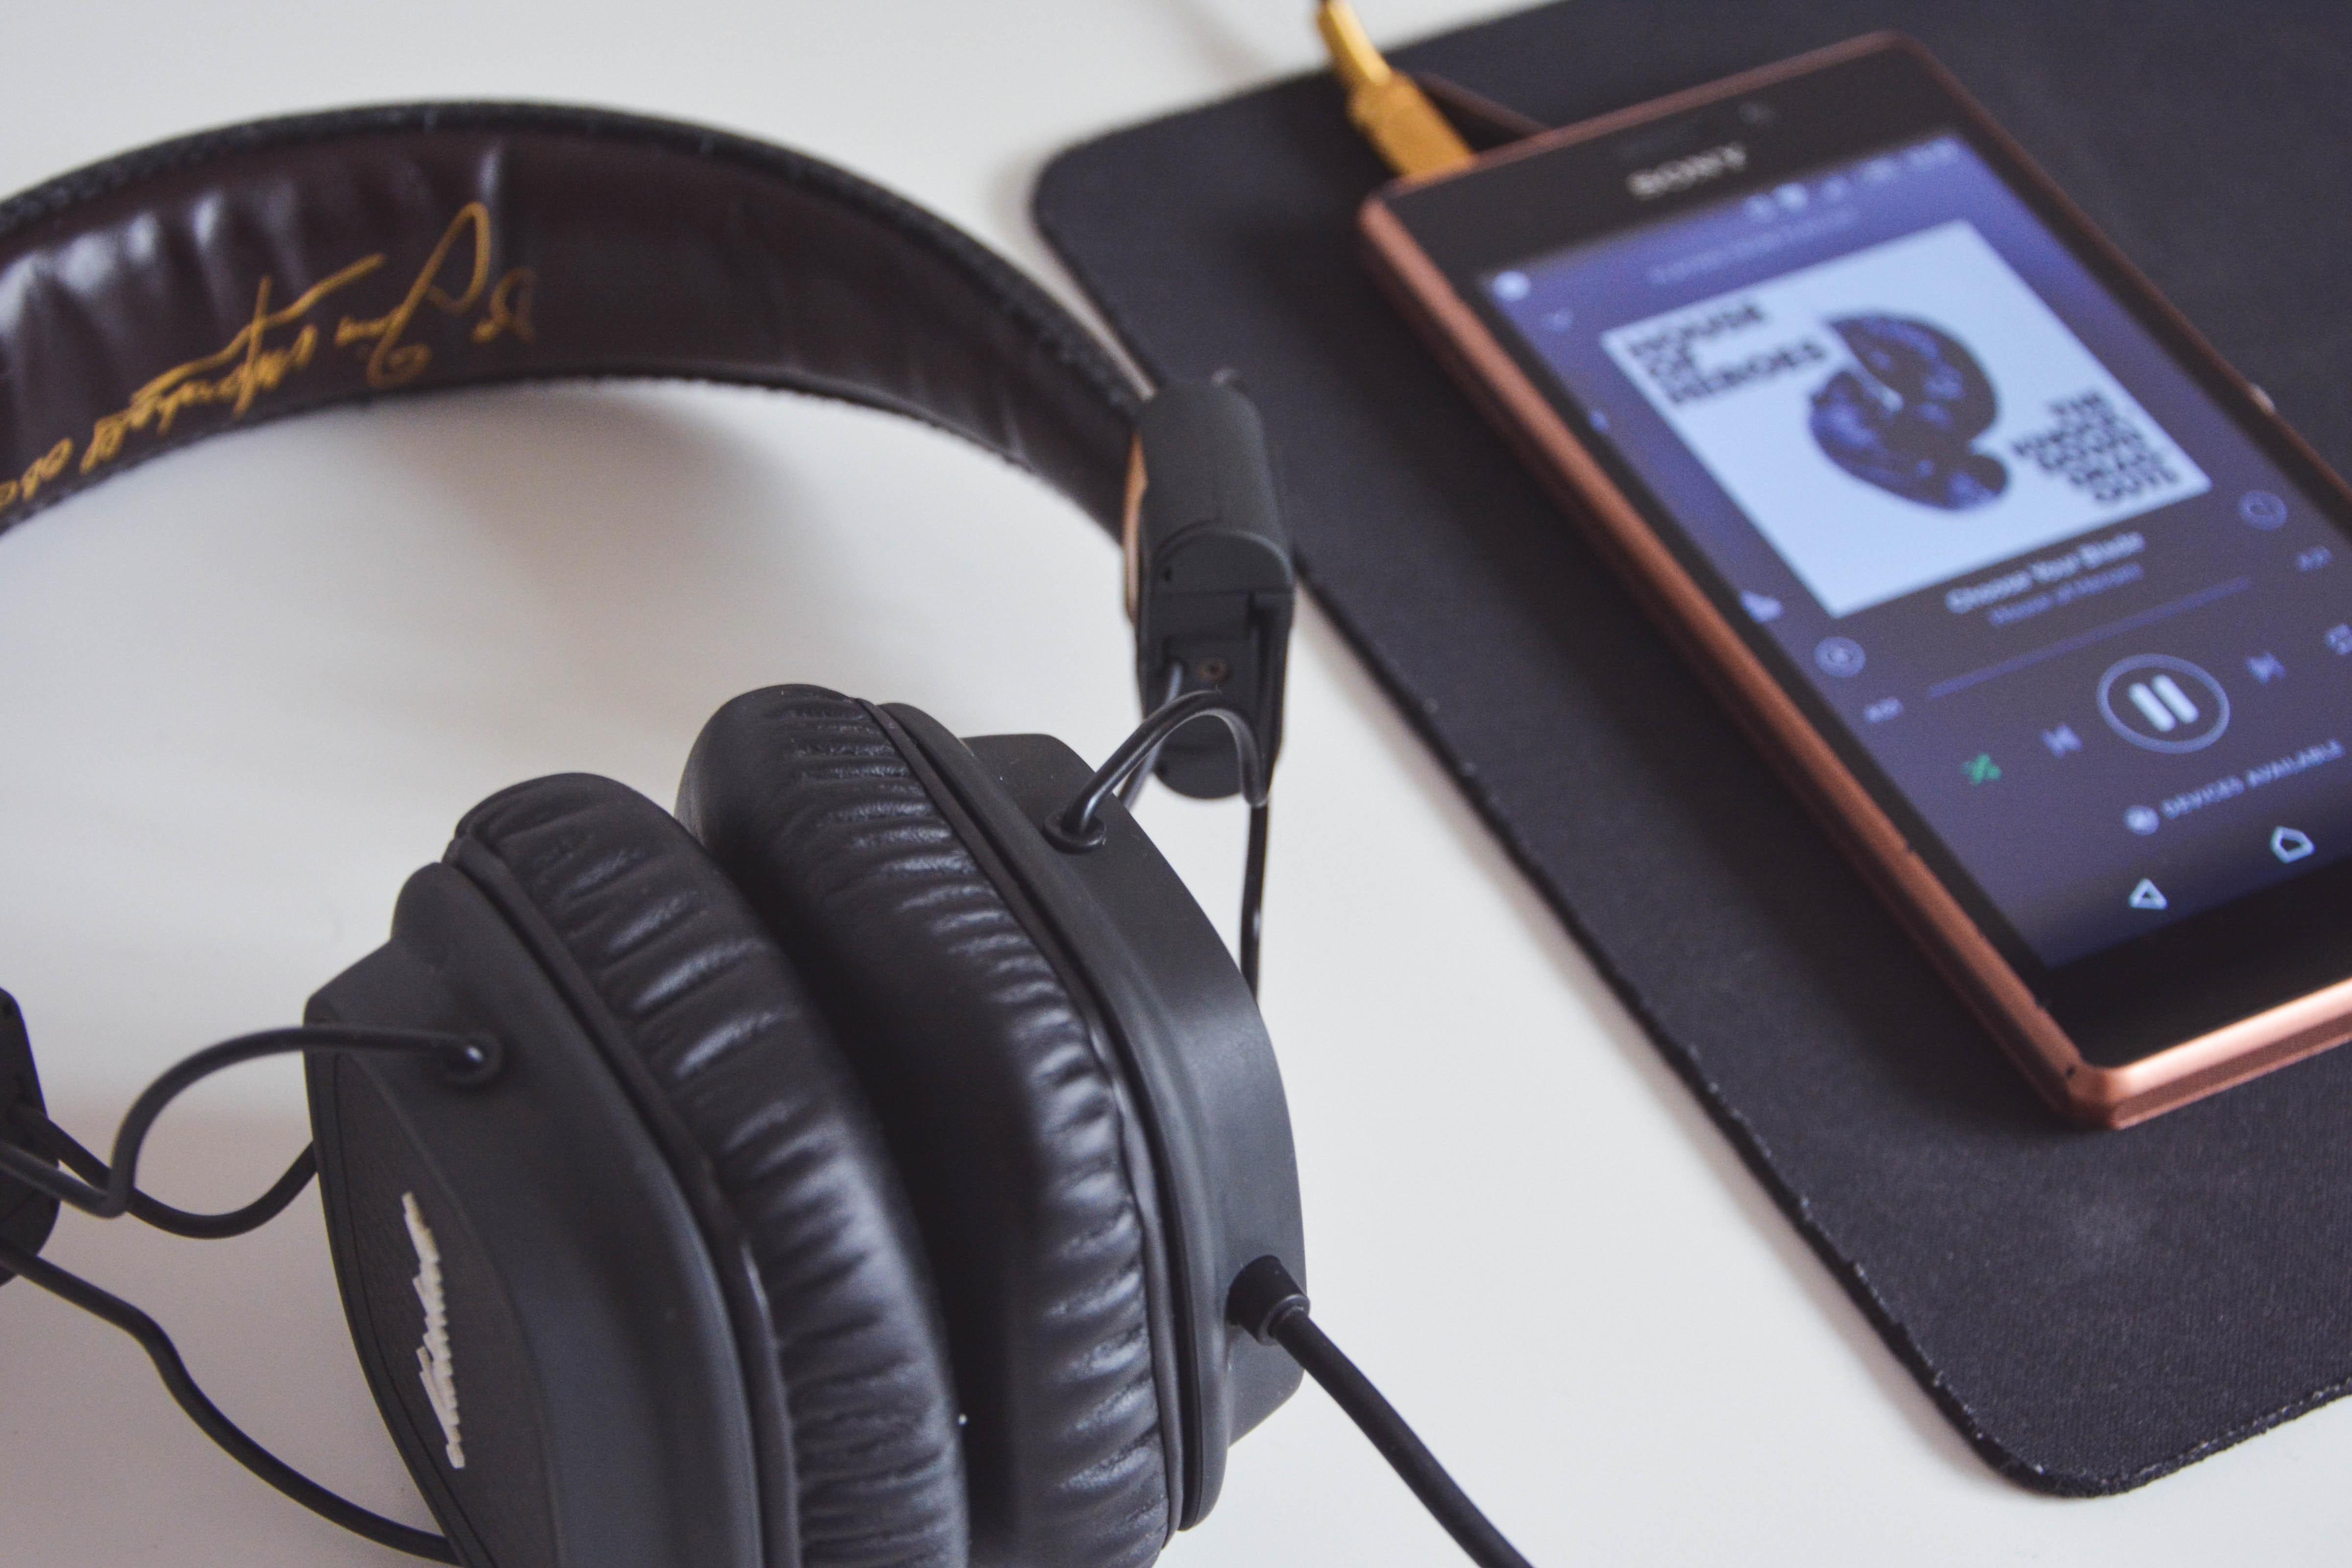 La música i la tecnologia sempre van de la mà. Font:  Mihis Alex (Pexels)